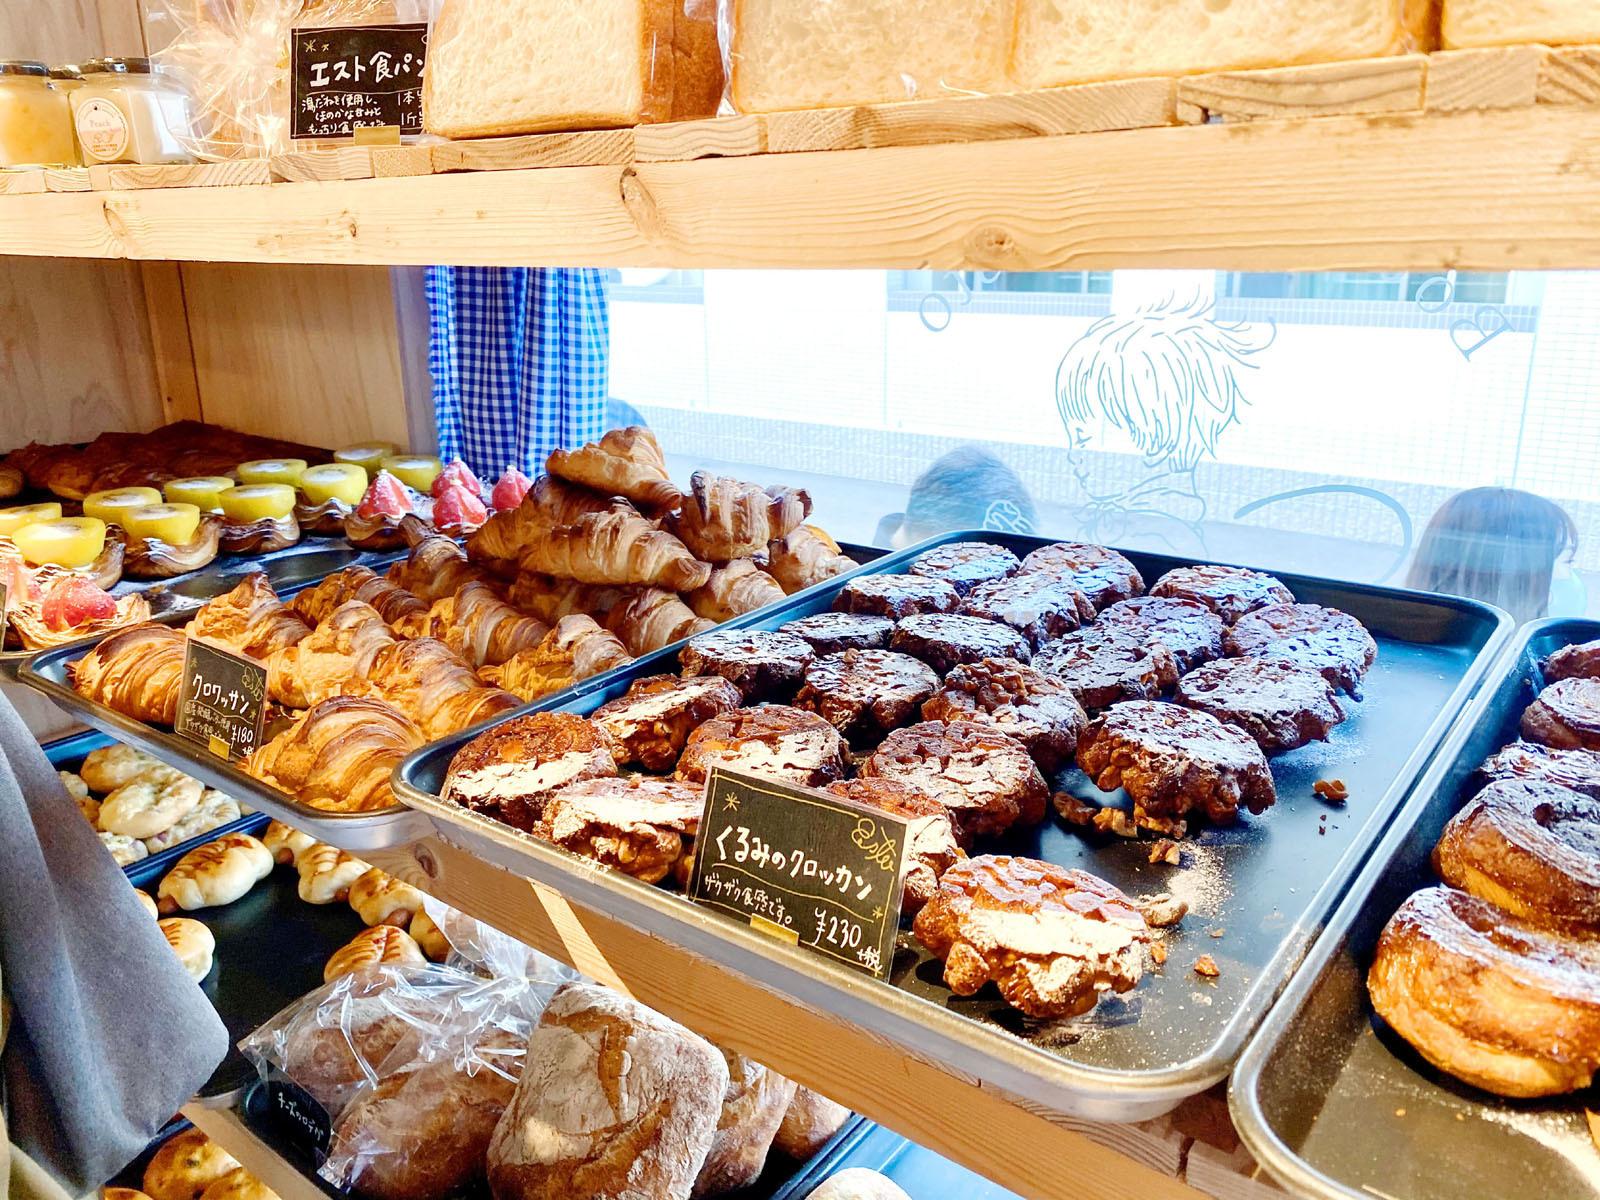 ブーランジェリー エスト 外周に並んだパンたち2